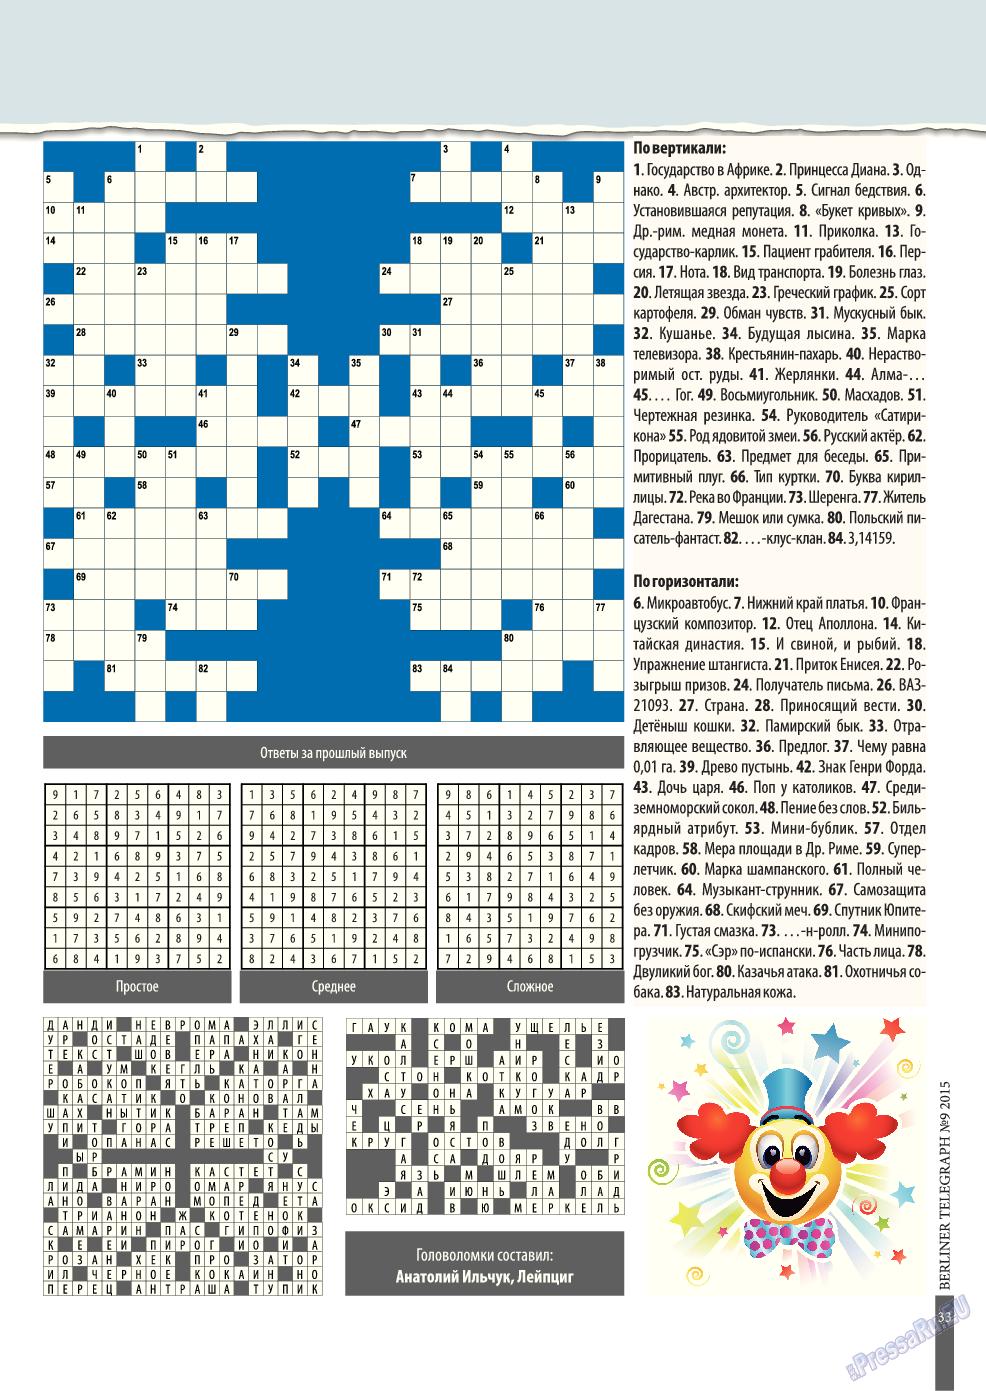 Берлинский телеграф (журнал). 2015 год, номер 10, стр. 33